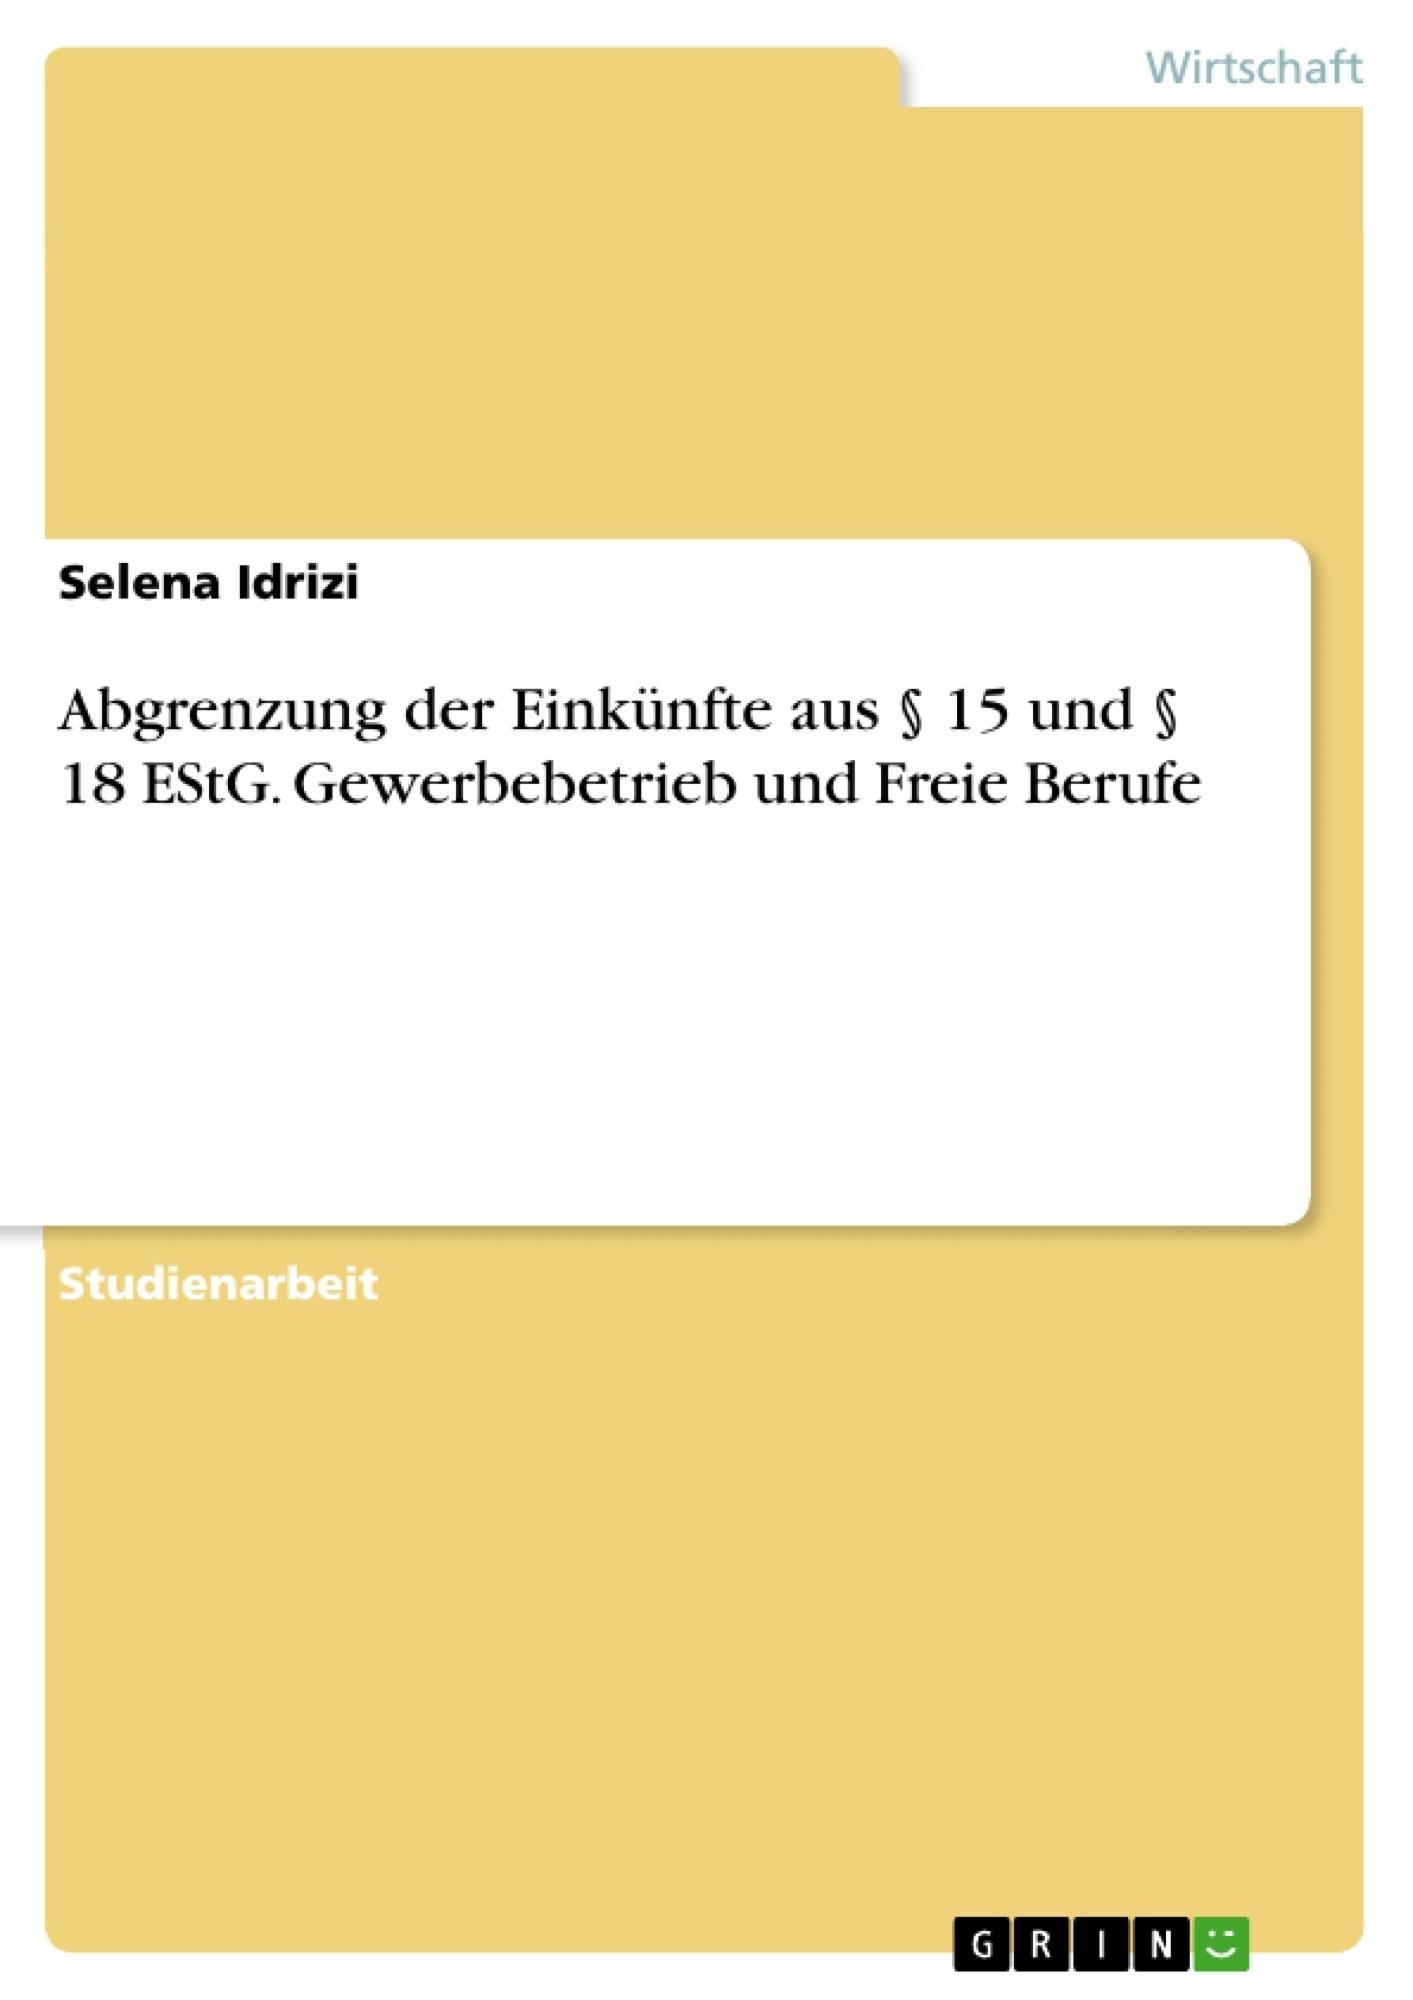 Titel: Abgrenzung der Einkünfte aus § 15 und § 18 EStG. Gewerbebetrieb und Freie Berufe